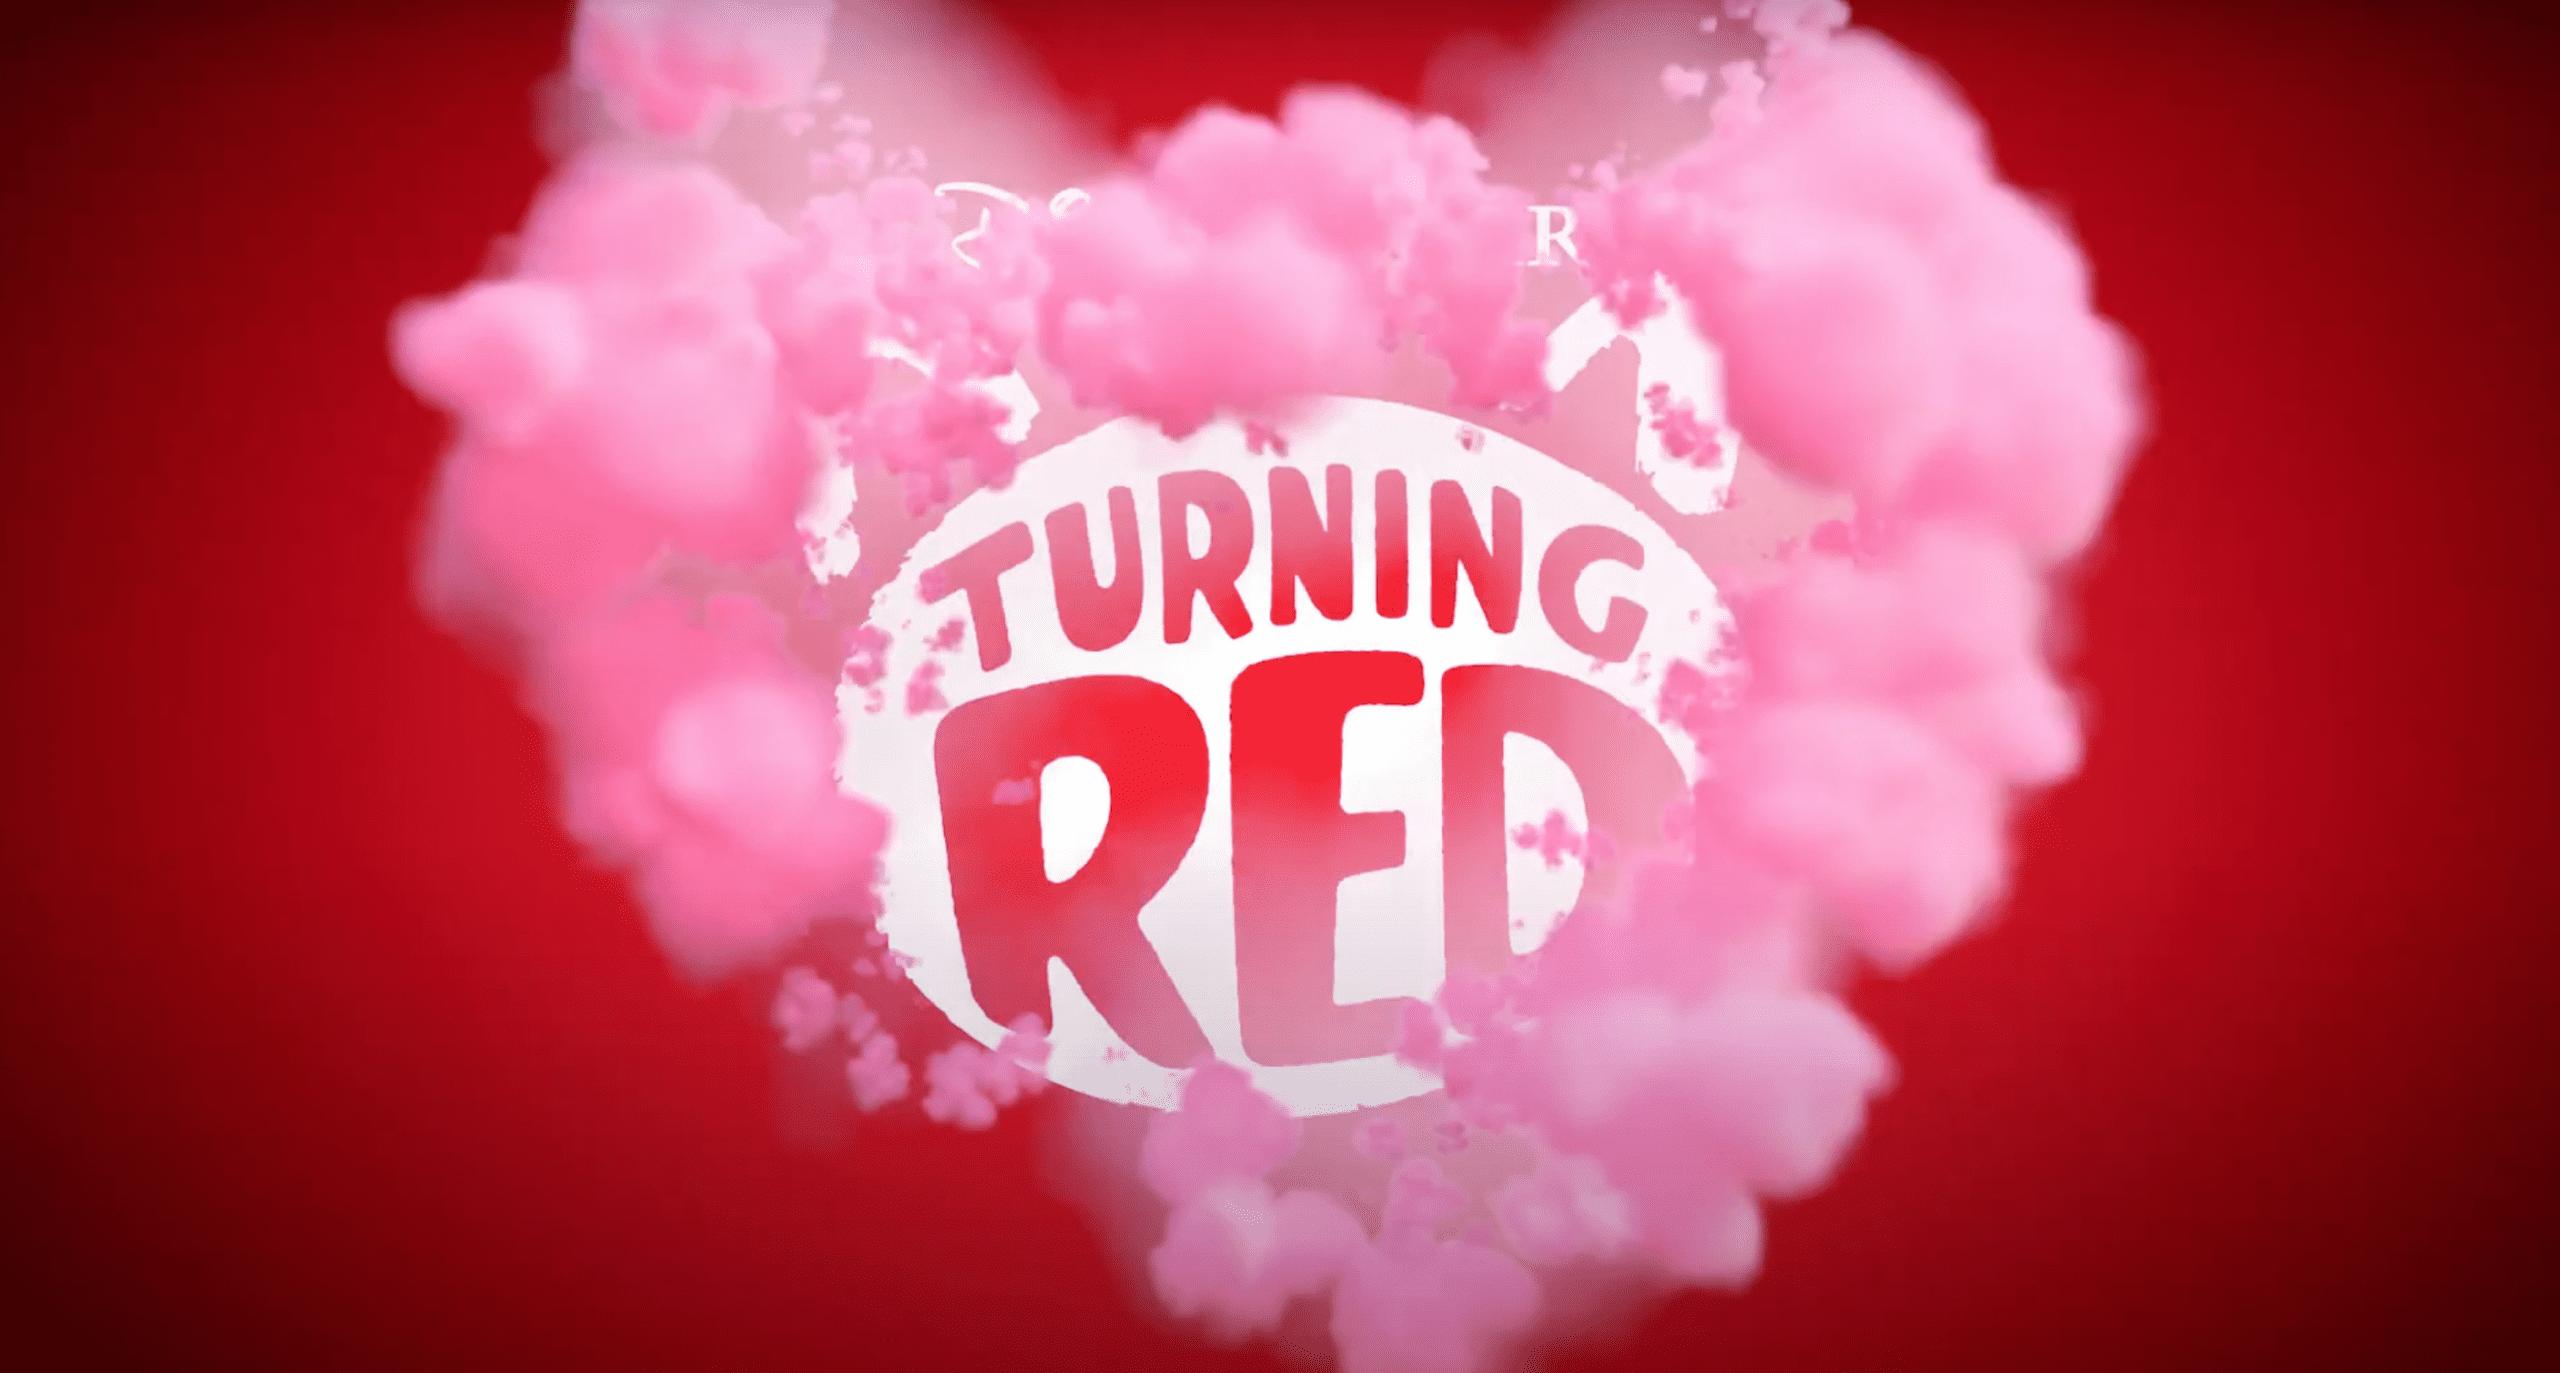 Turning Red Pixar